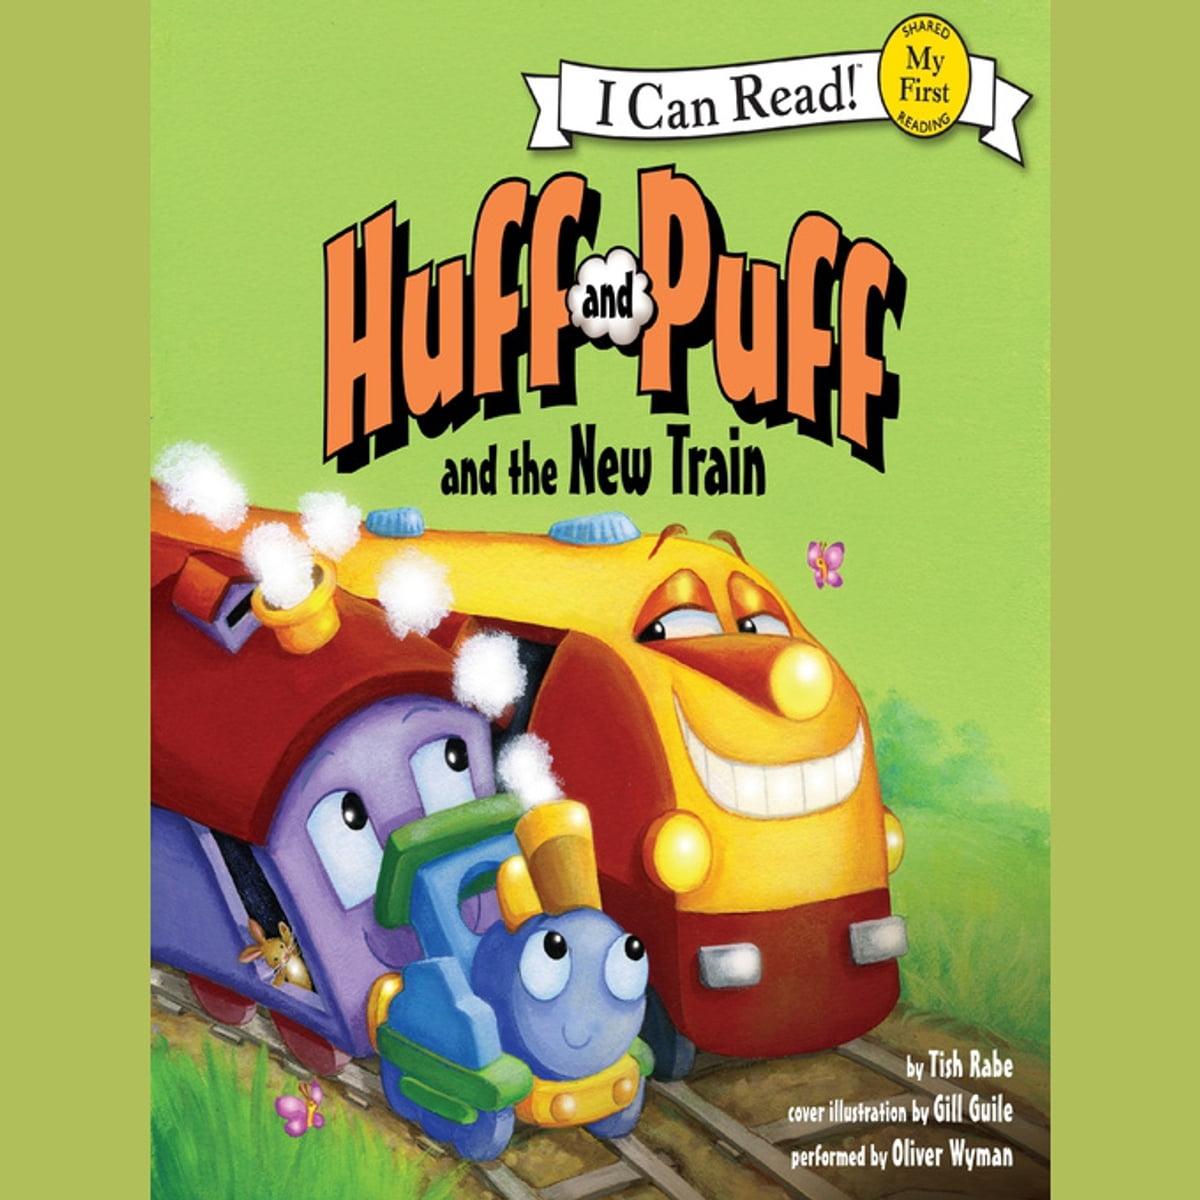 Huff and Puff and the New Train Audiobook by Tish Rabe - 9780062324184 | Rakuten Kobo